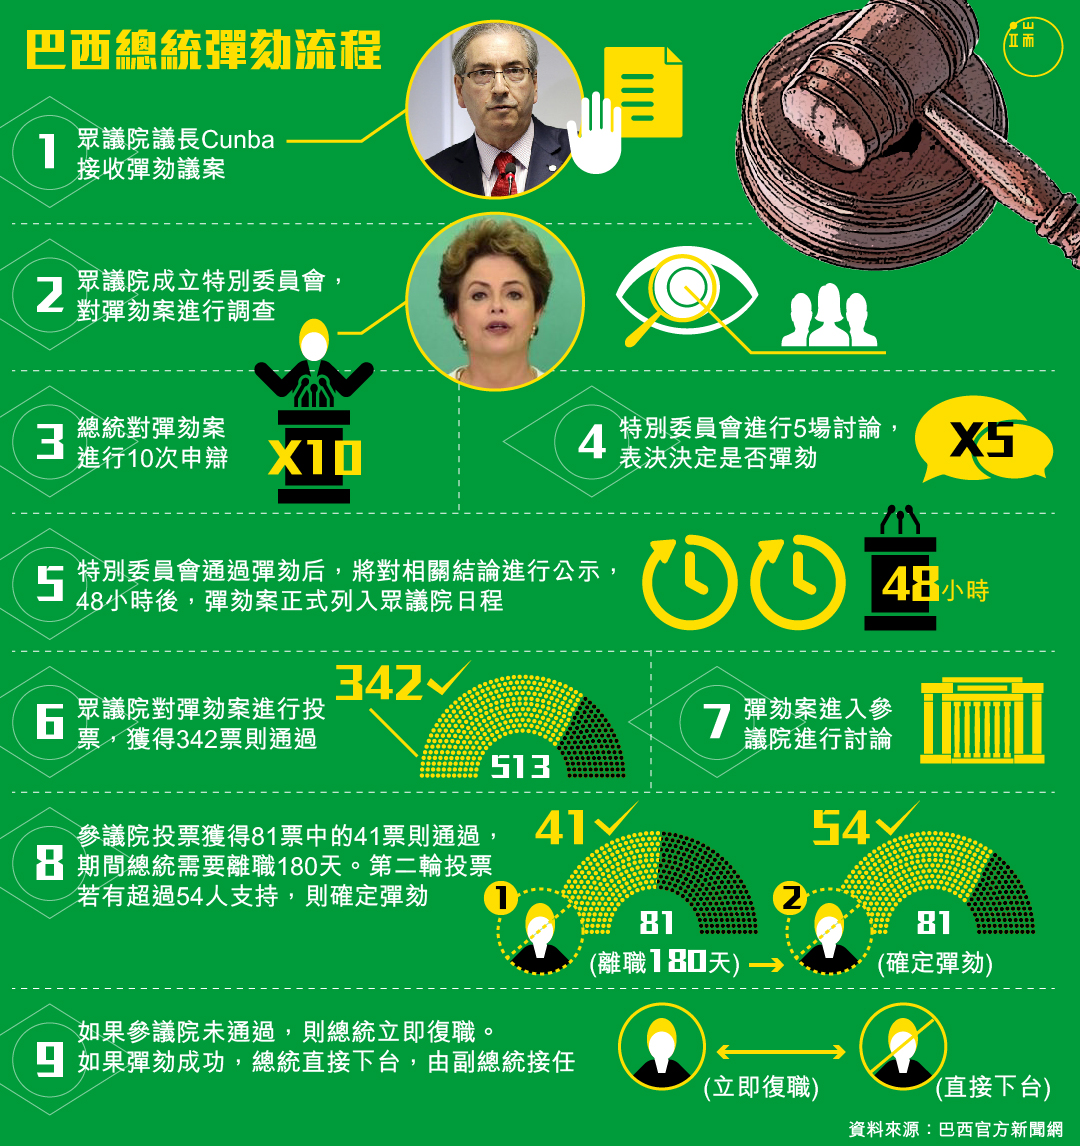 巴西總統彈劾流程。製圖:端傳媒設計部